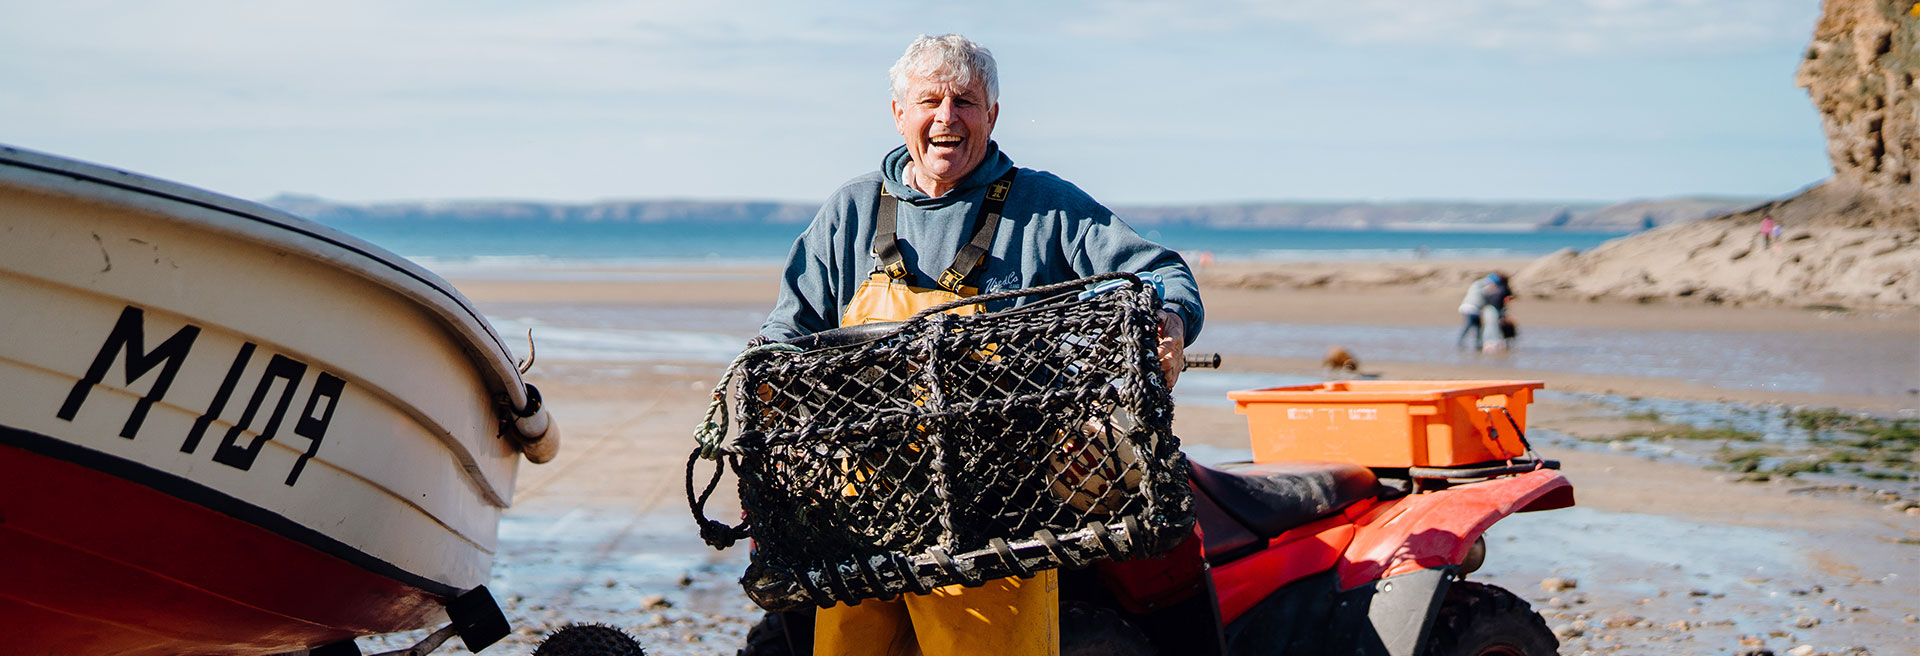 Visit Pembrokeshire Brand Assets